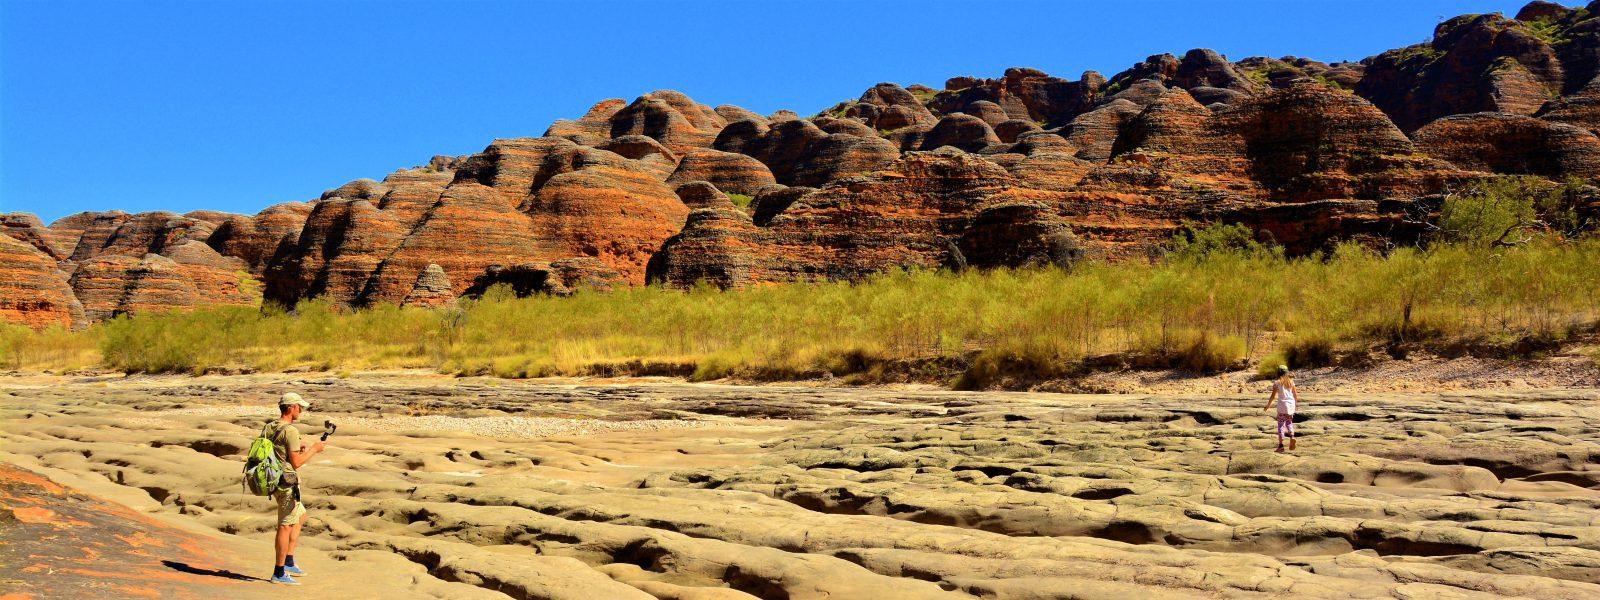 Zahodna Avstralija: jezero Argyle in nacionalni park Purnululu